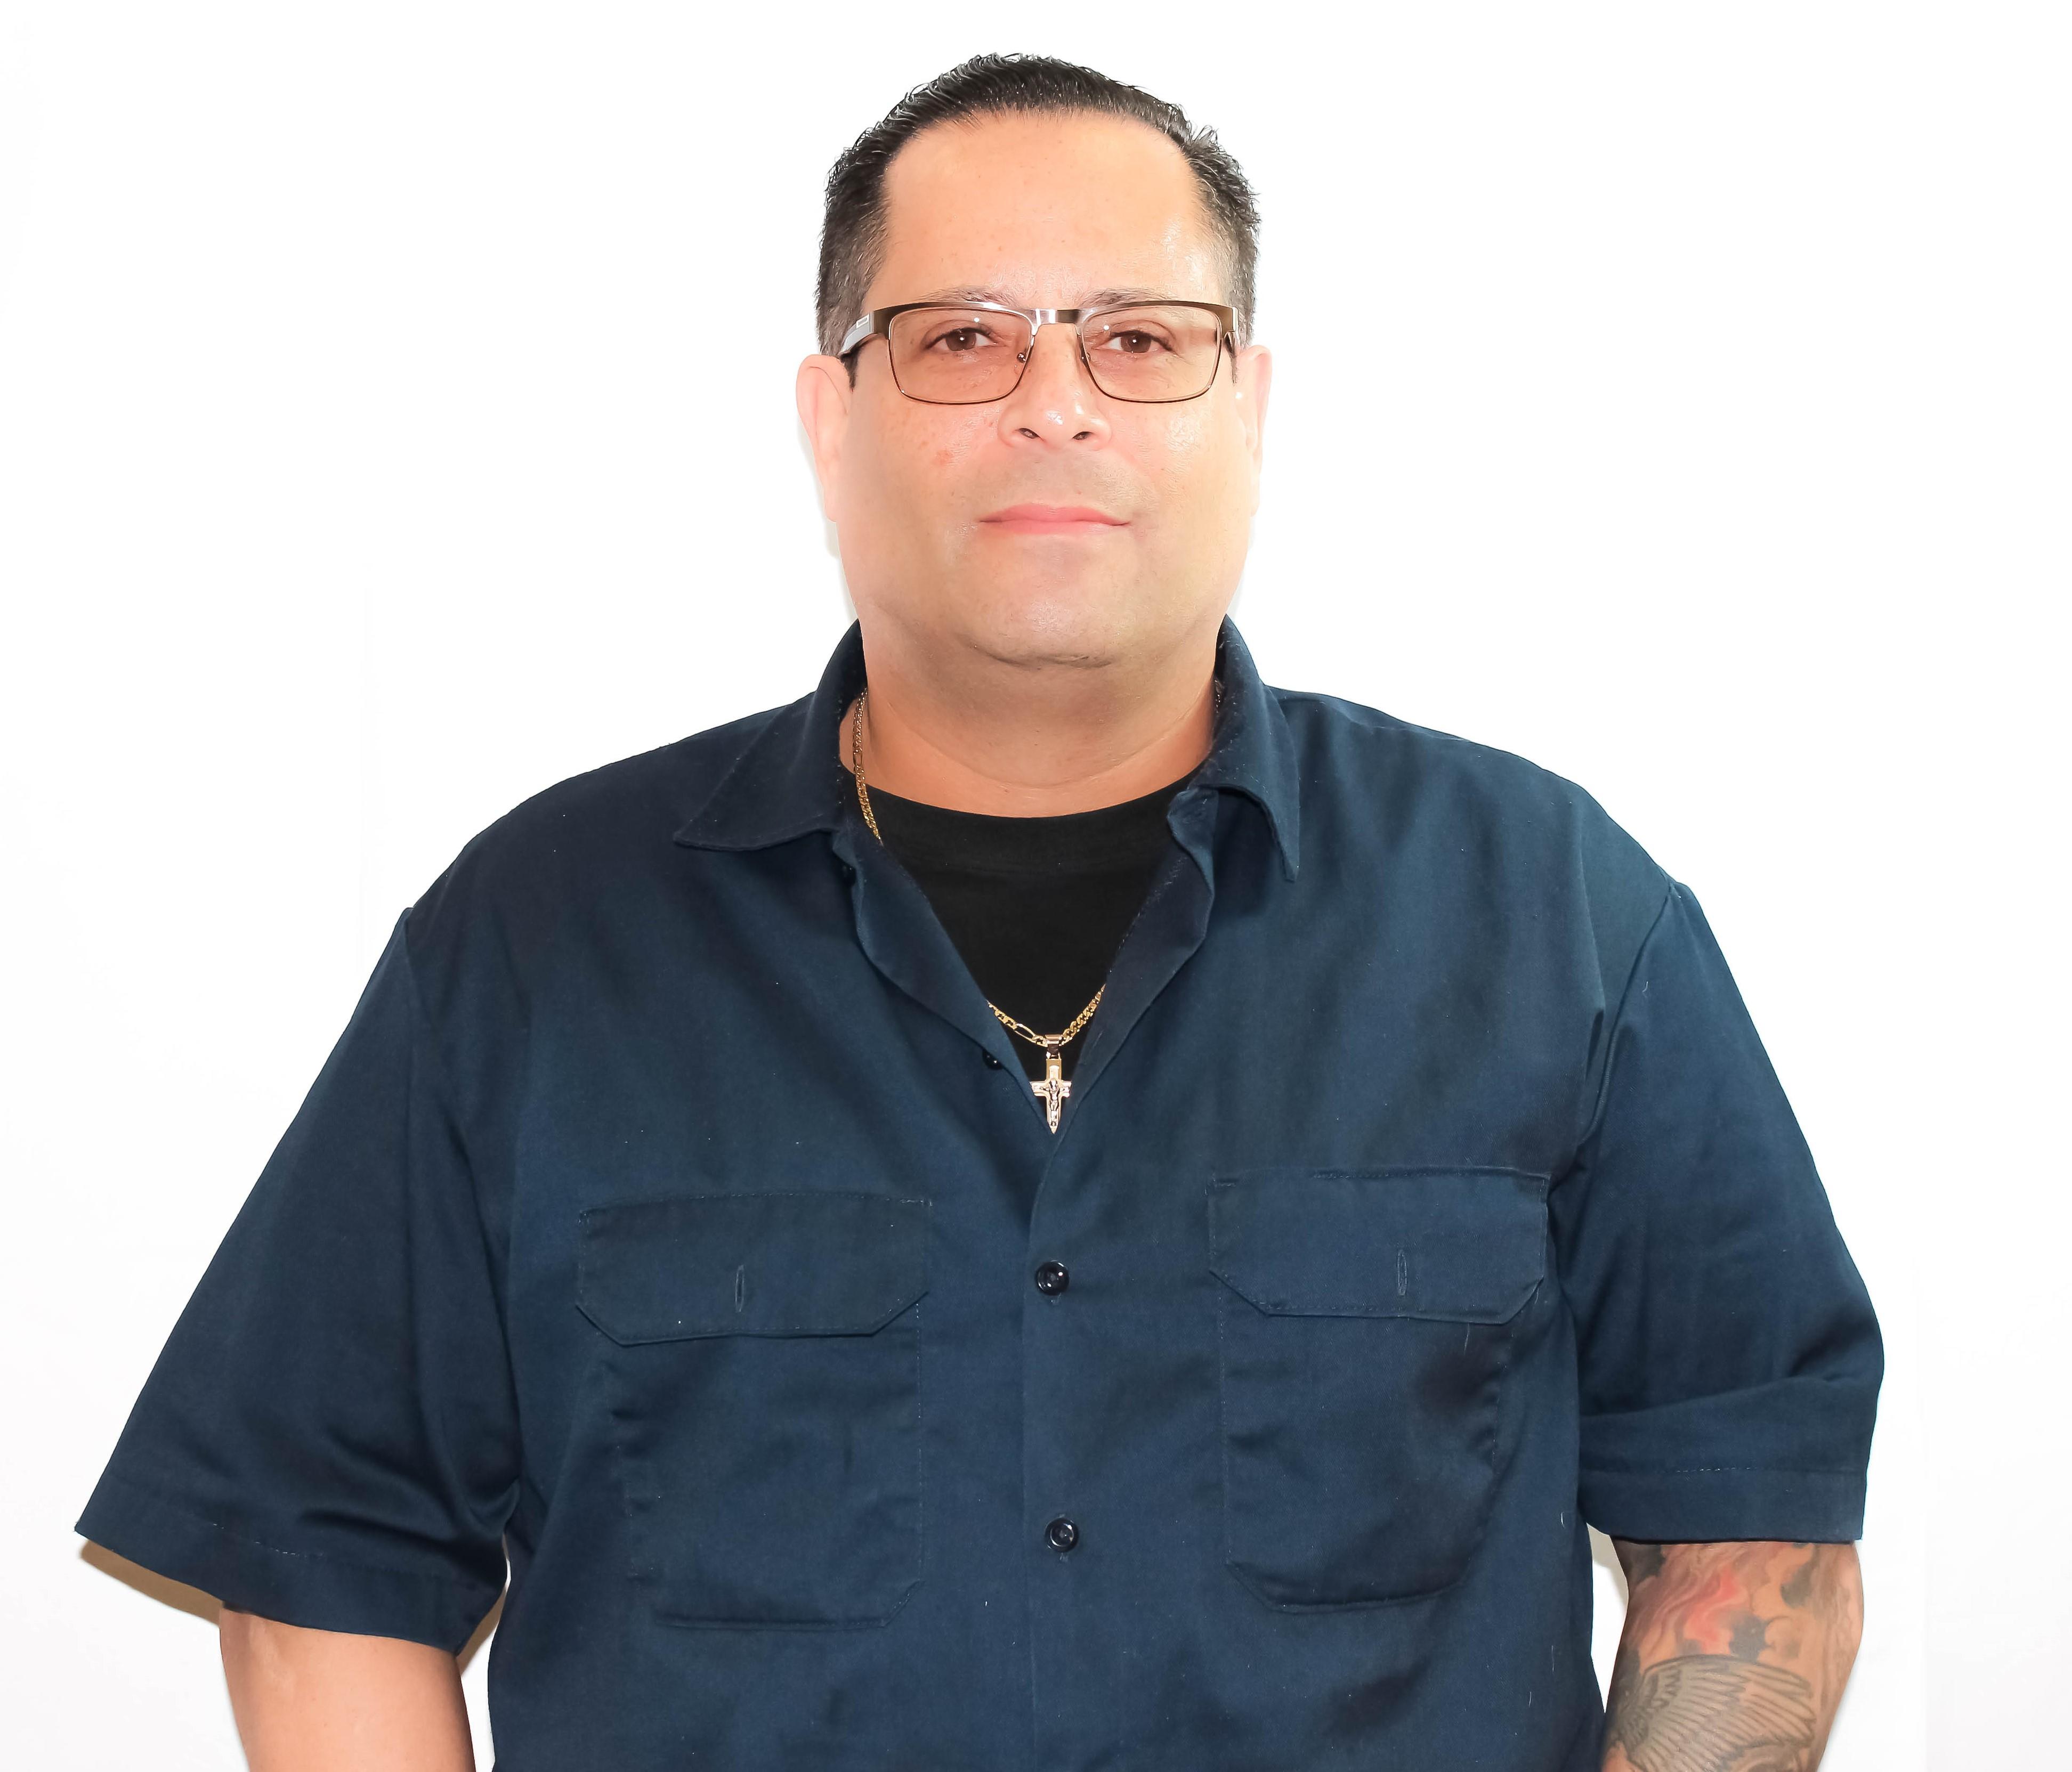 Jorge Santini